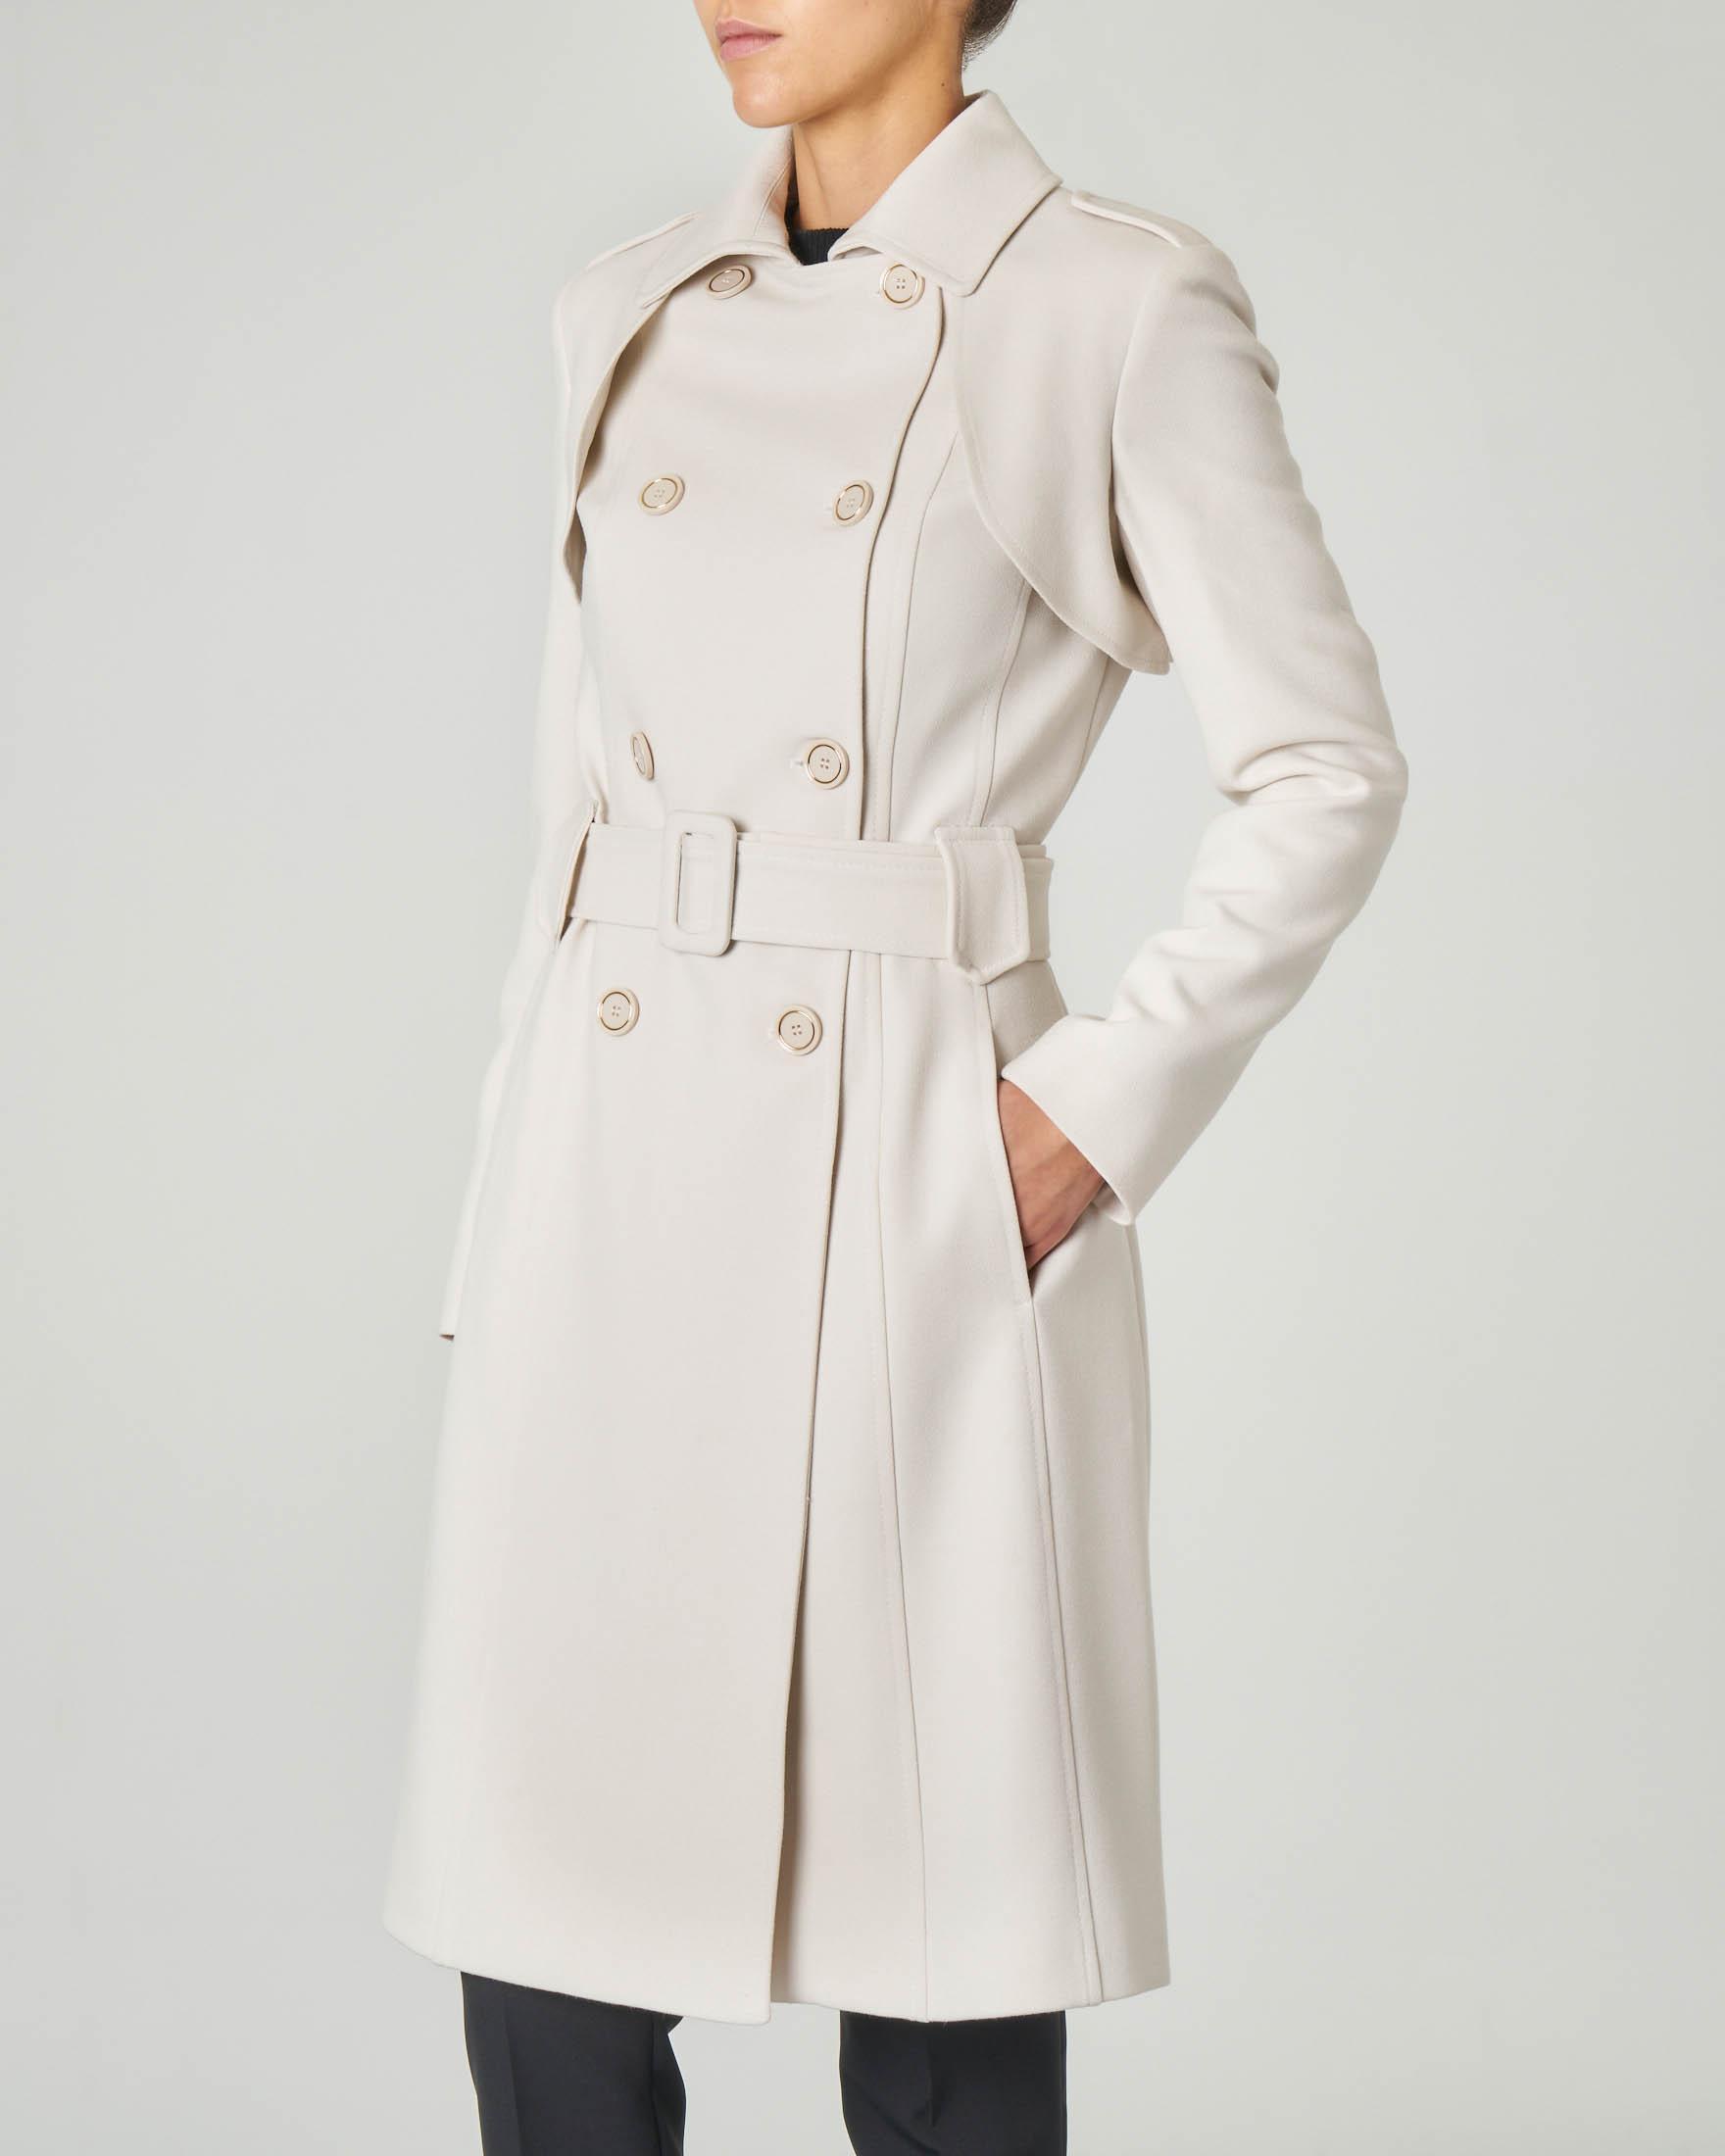 Cappotto color gesso doppiopetto con cintura in vita e falda sulla schiena